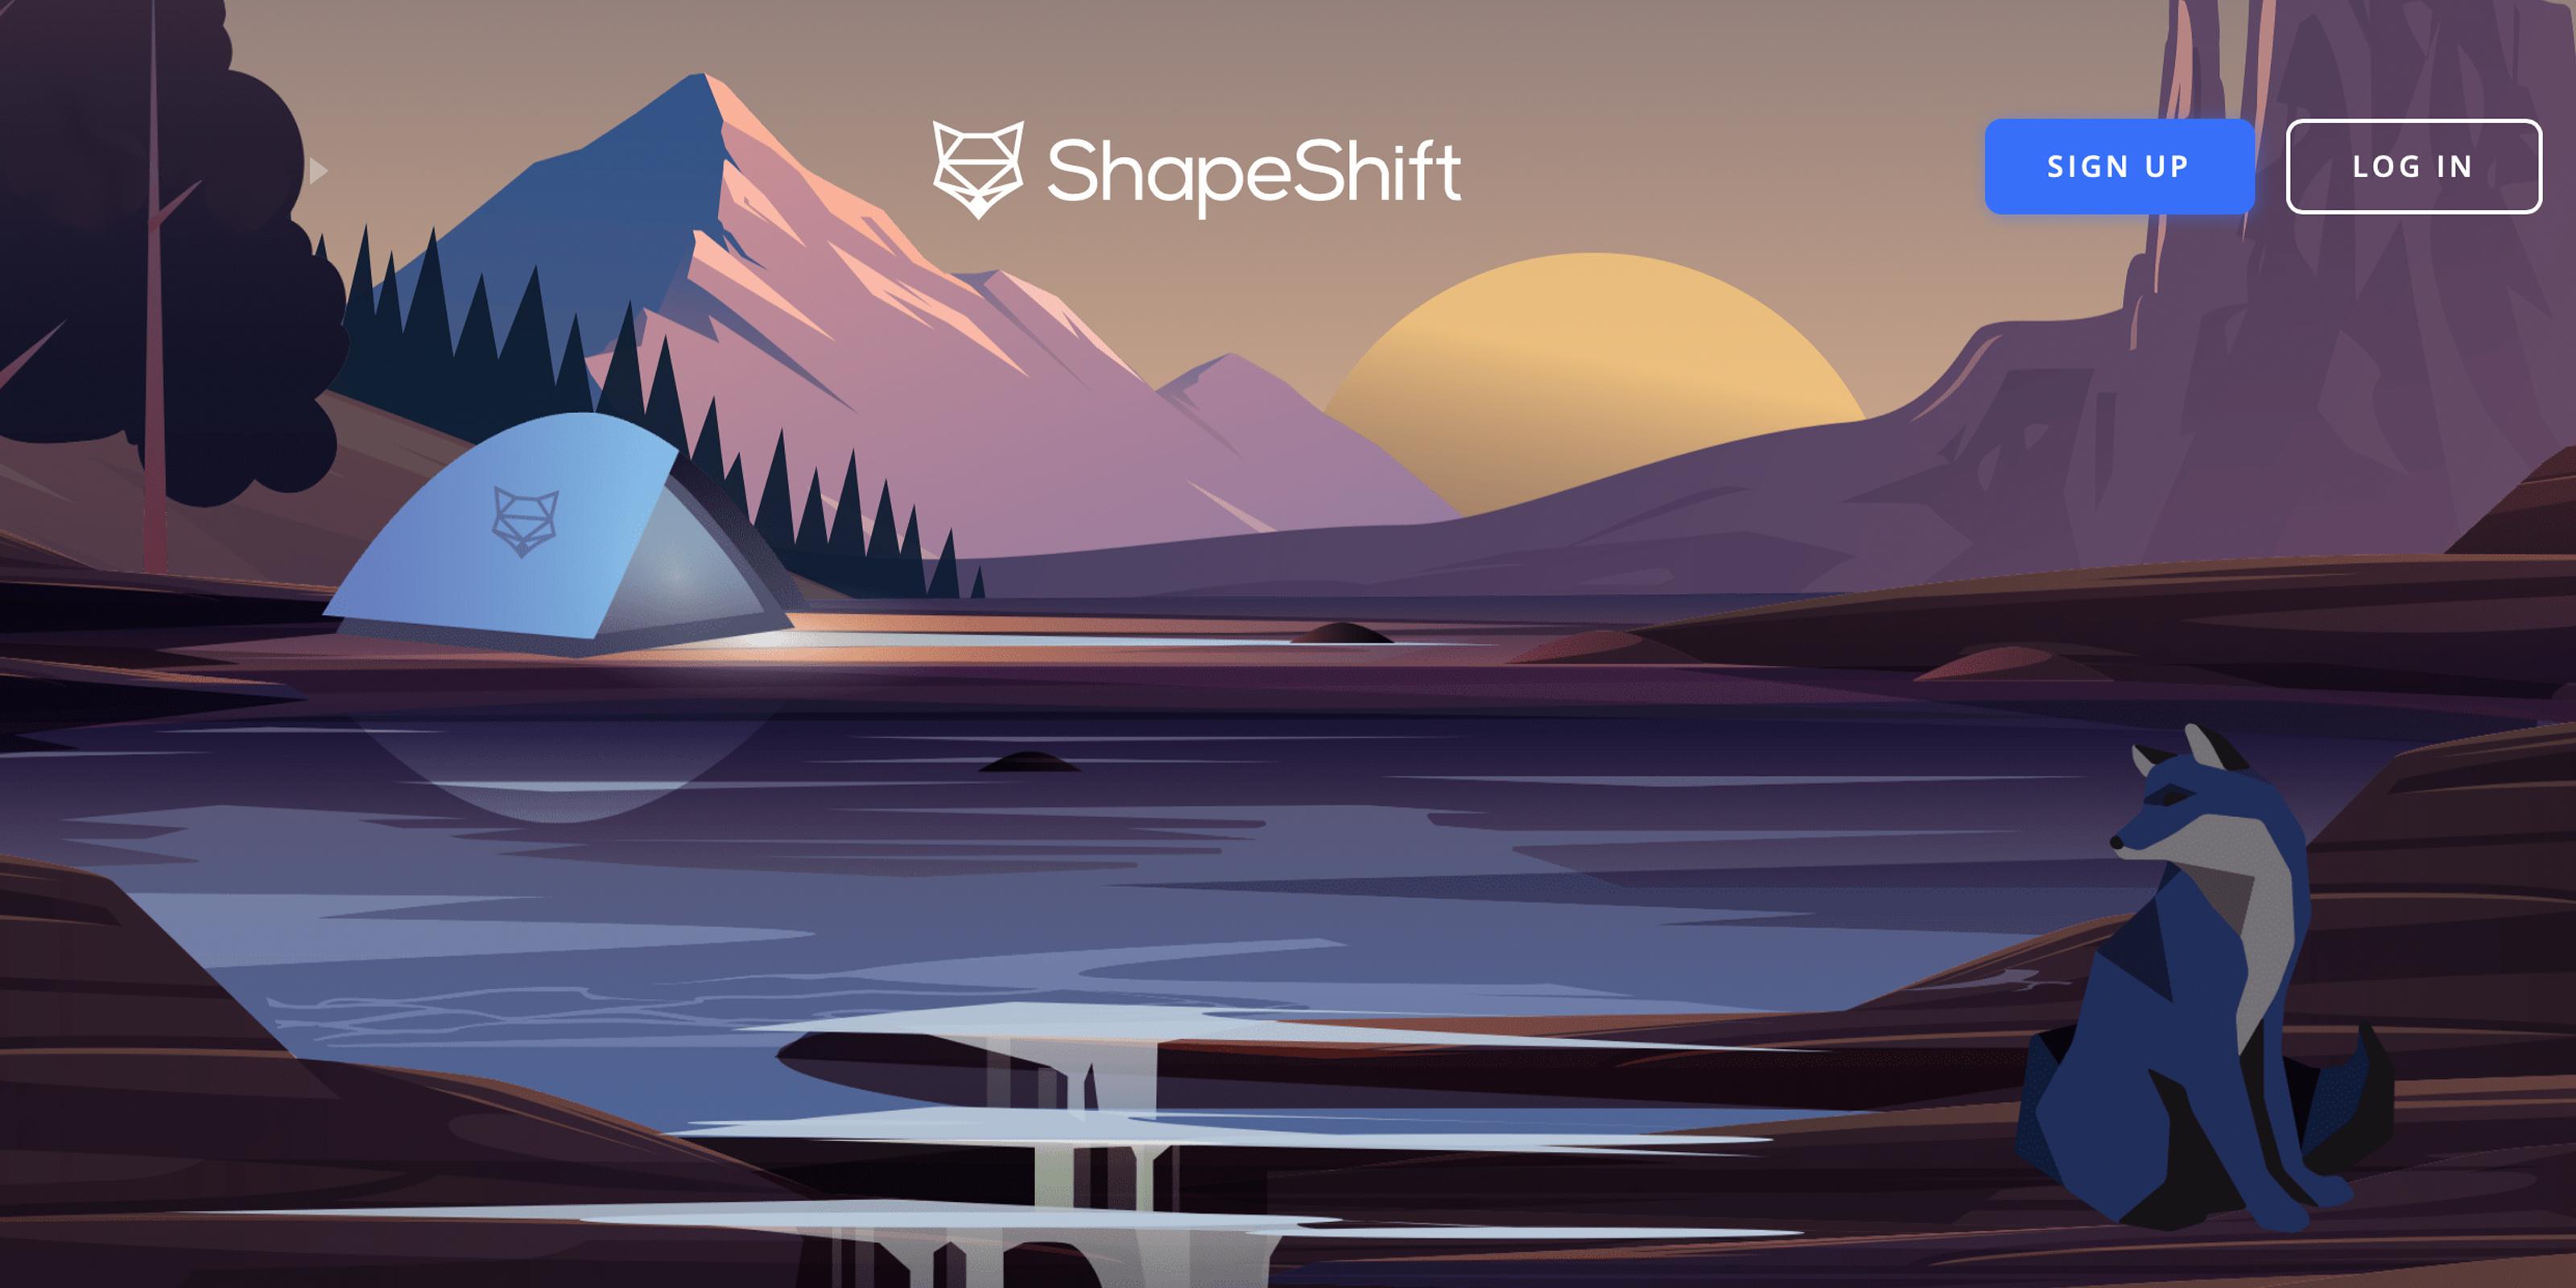 Intercambie y realice el seguimiento de BCH en la nueva suite Shapeshift para la gestión de criptografía sin custodia